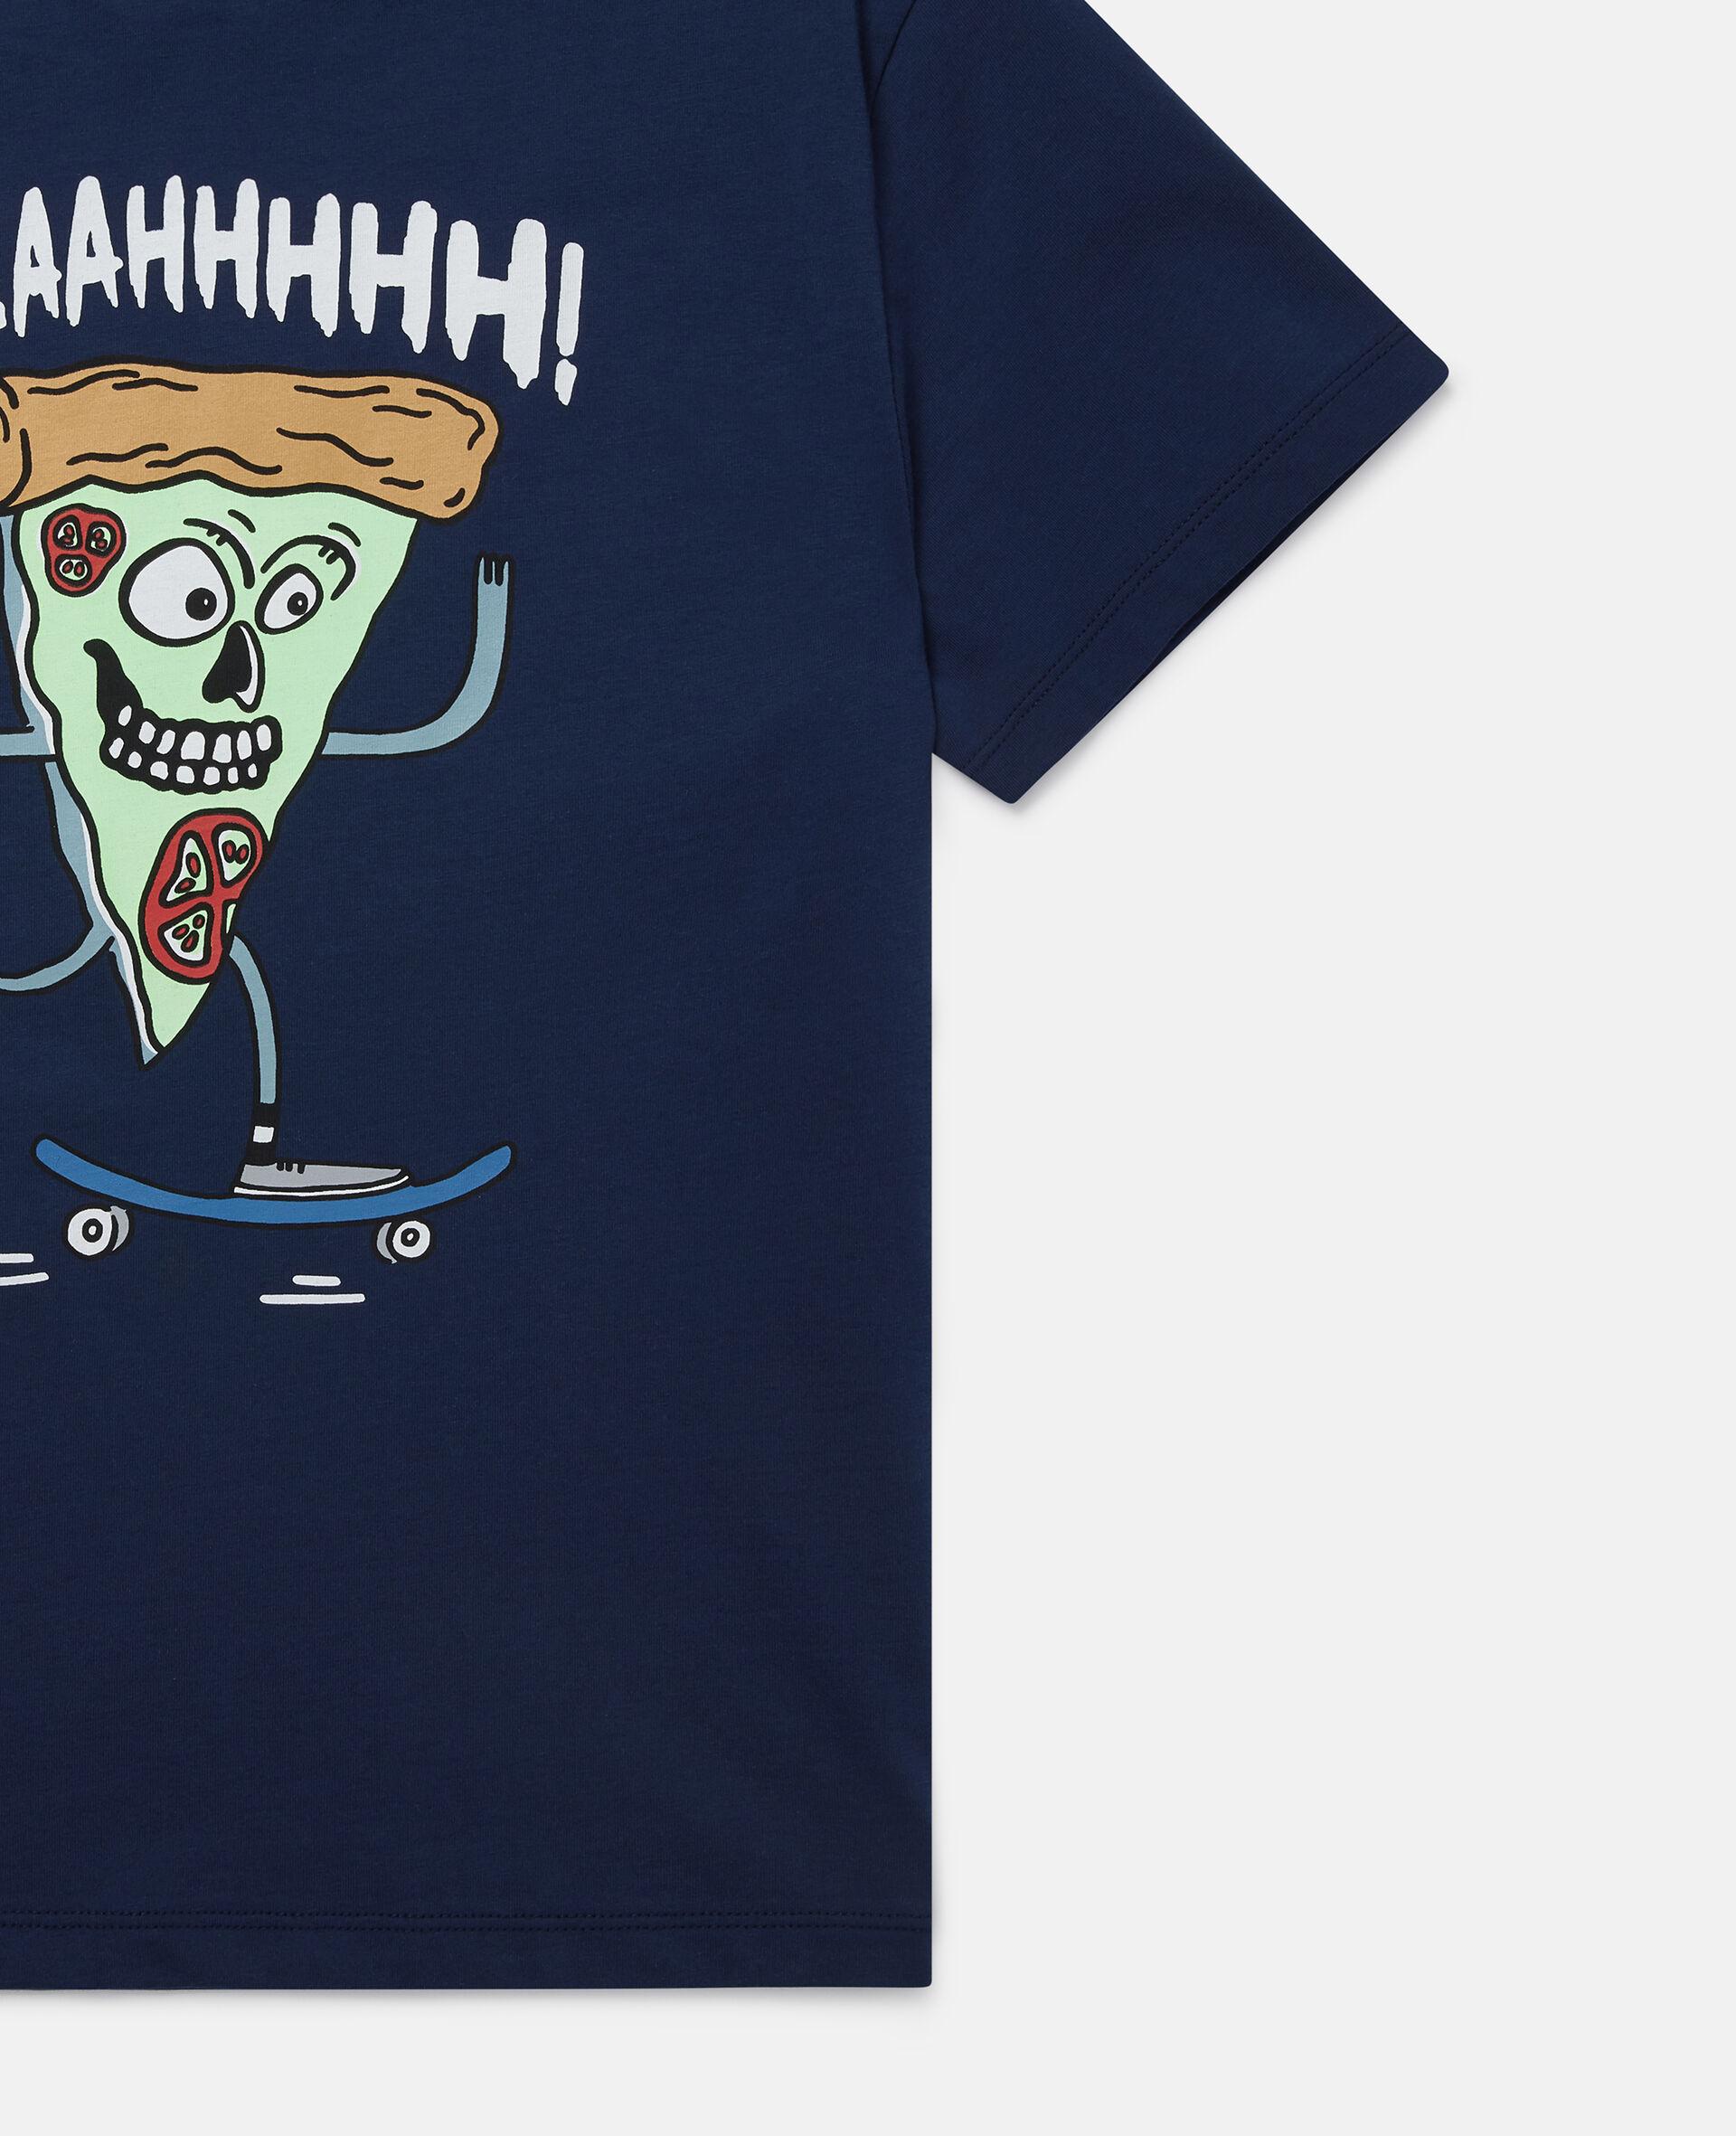 披萨滑板运动员印花超大号T恤-蓝色-large image number 1